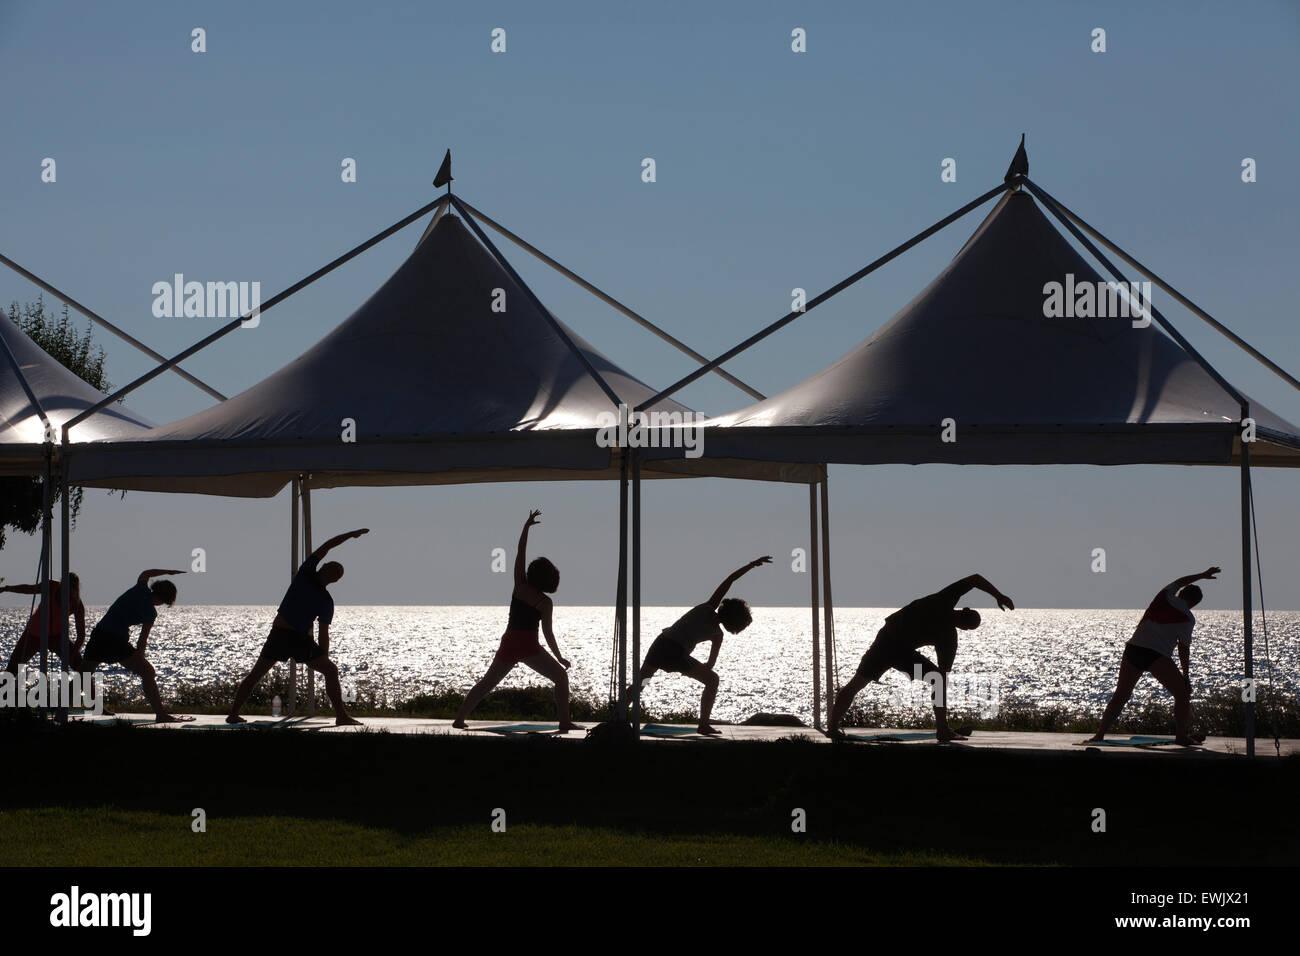 Clase de ejercicios de Yoga en la luz de la tarde, Lemnos, las islas griegas, el Mar Egeo, Grecia Imagen De Stock